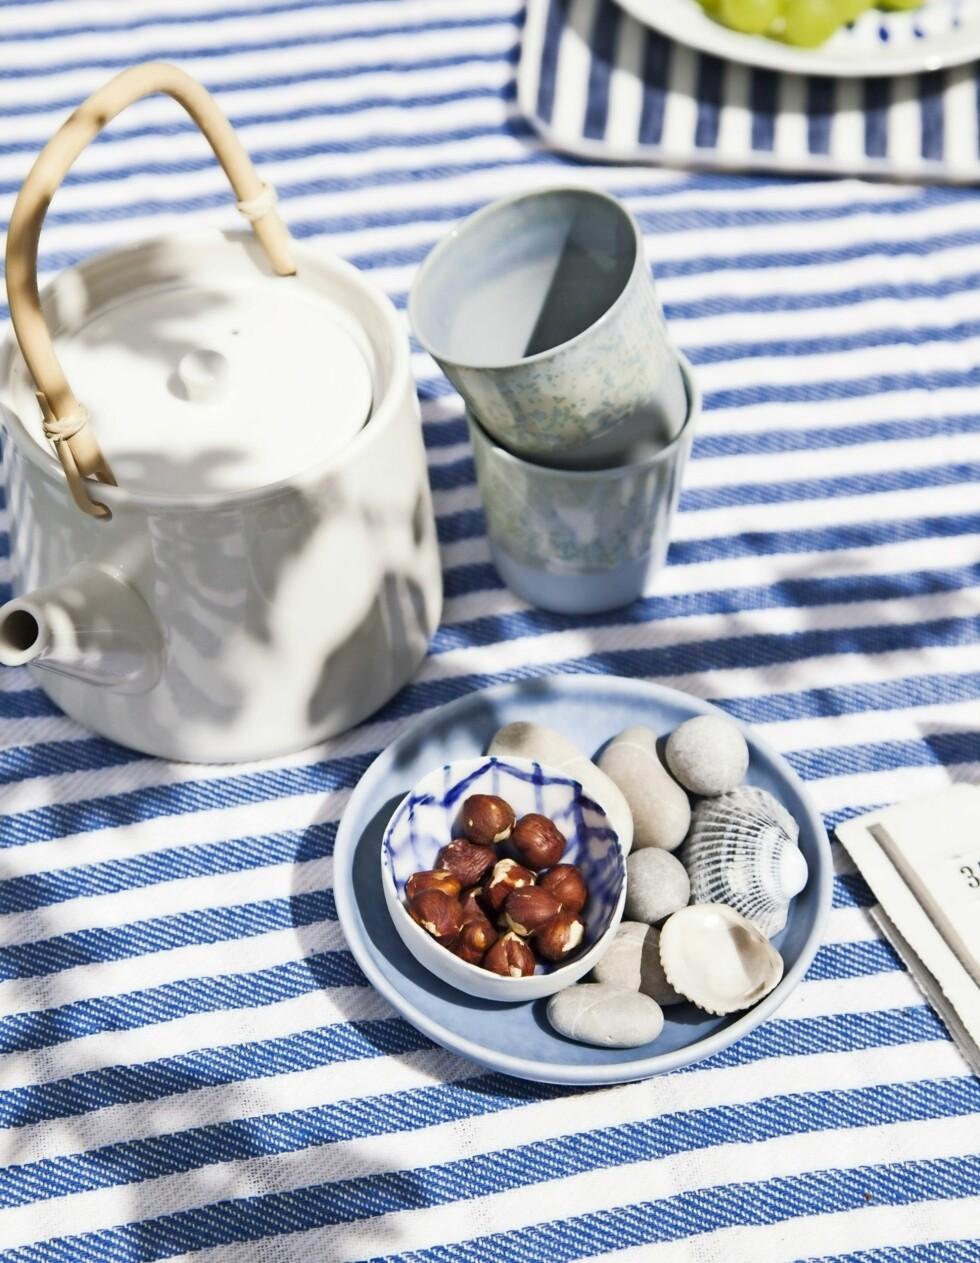 Bruk skjell og stein som pynt på bordet for å få hyttestemningen. Her ligger de på et lite fat sammen med en bolle med nøtter, men du kan også sette telys ned mellom dem. Tekanne, krus og boller fra Stilleben.